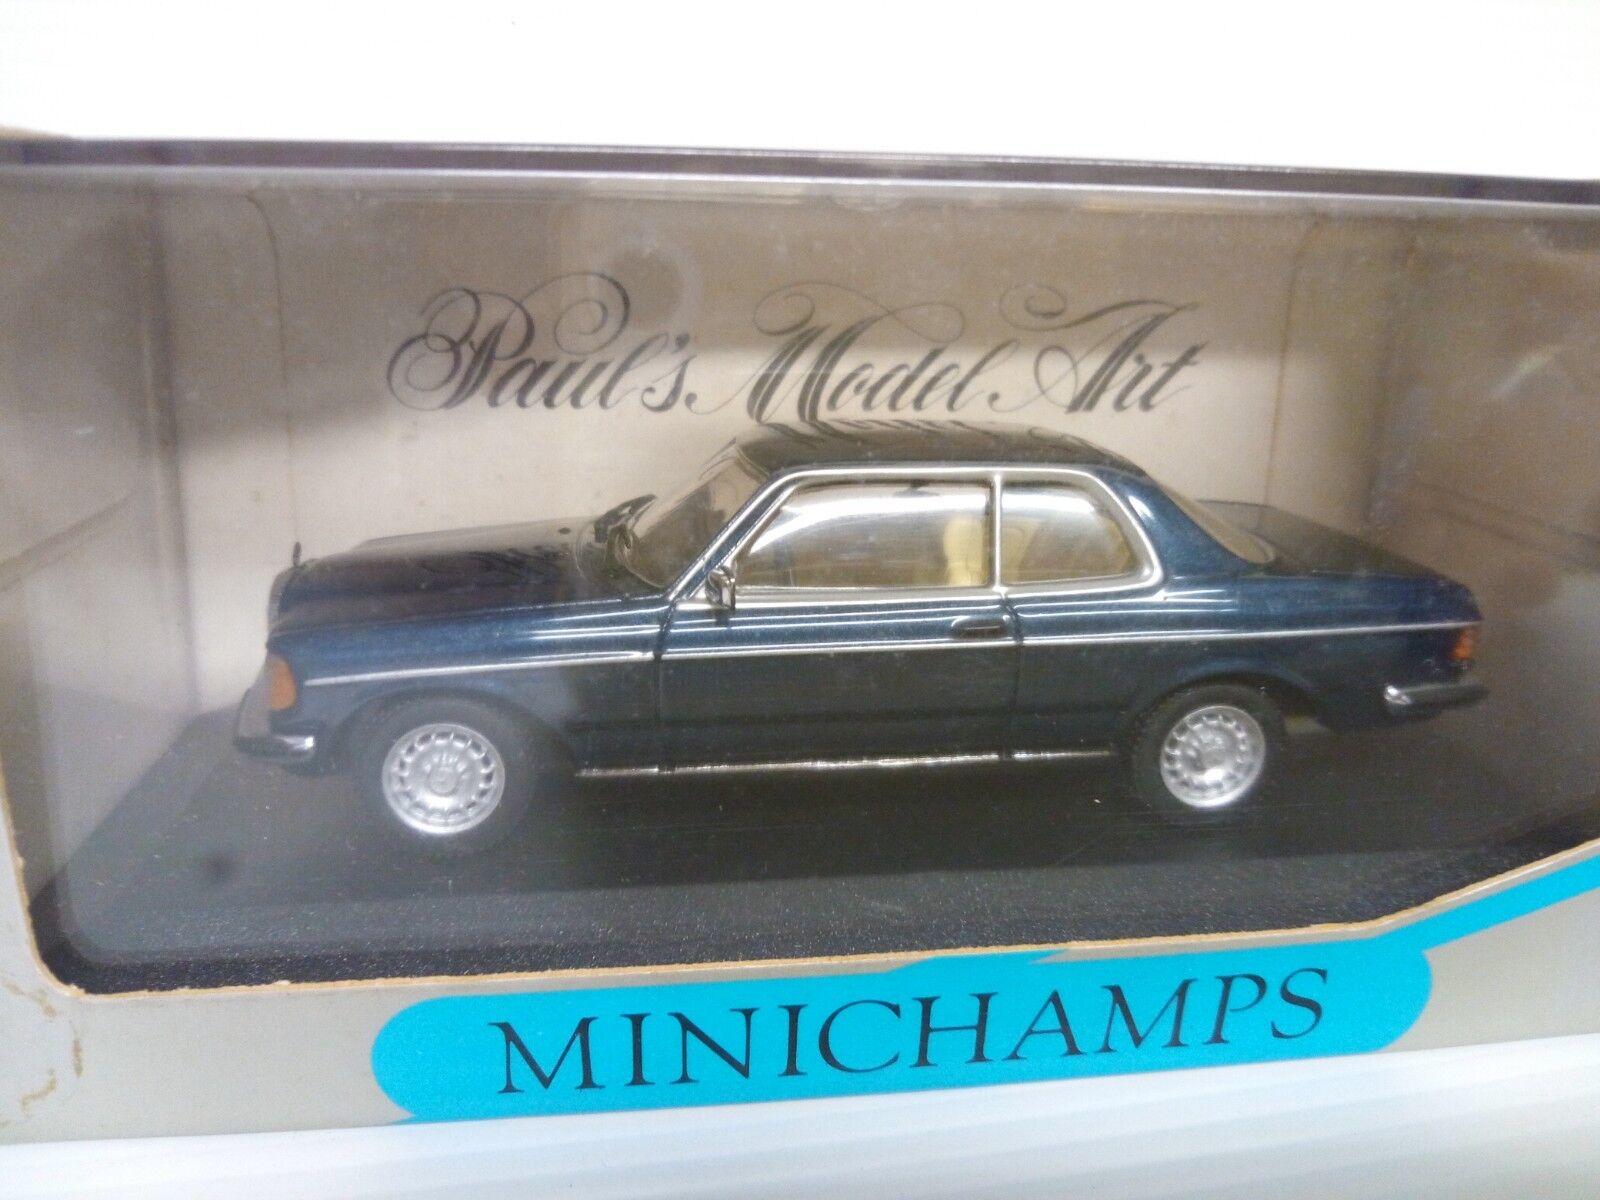 MINICHAMPS 1 43 MERCEDES W123 COUPE 280 CE